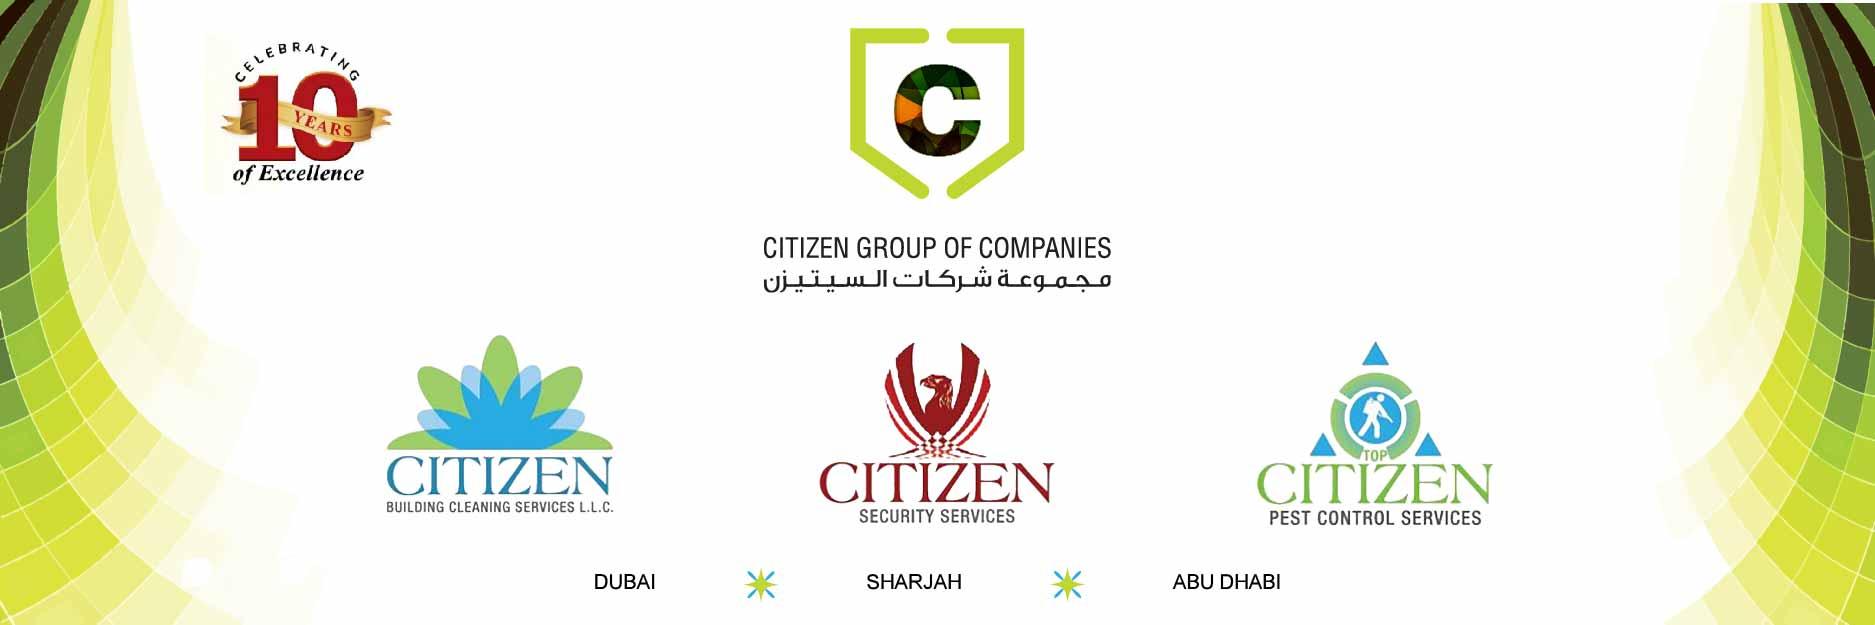 About Citizen